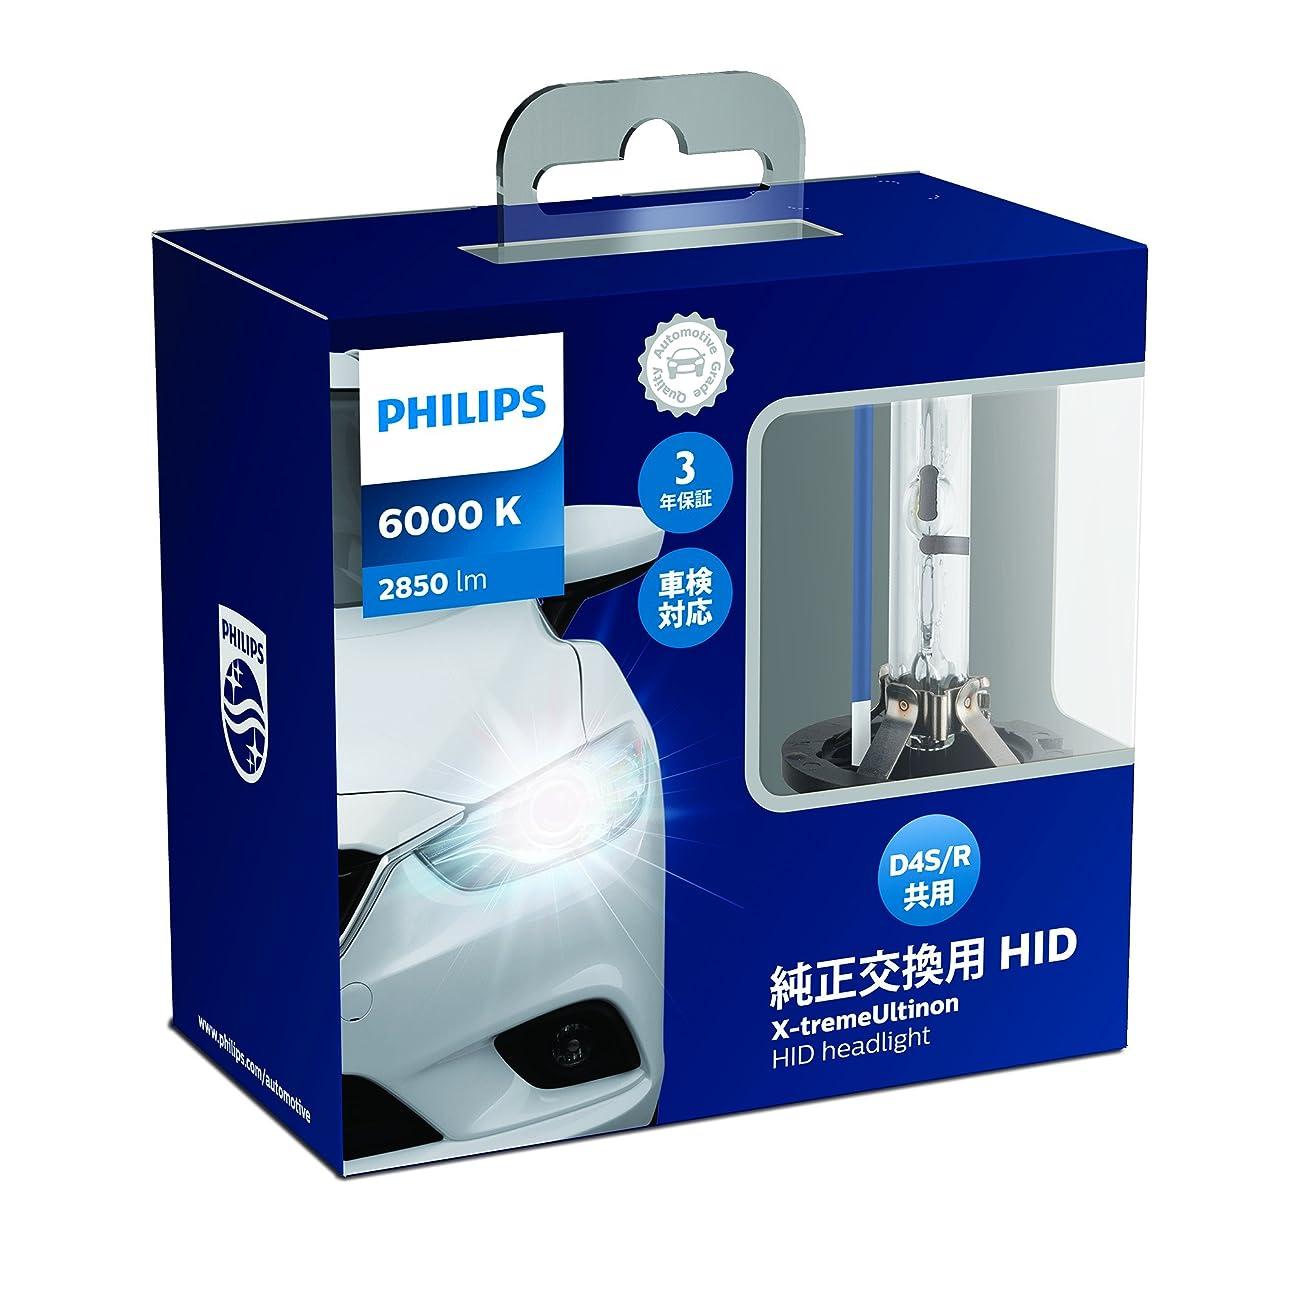 放映もう一度費やすAMIR LED テープライト TVバックライト テレビ PC照明 目の疲れを取る USB接続 リモコン操作 強粘着両面テープ仕様 カラー選択 切断可能 防水防塵 SMD5050RGB LEDライト 屋内外装飾